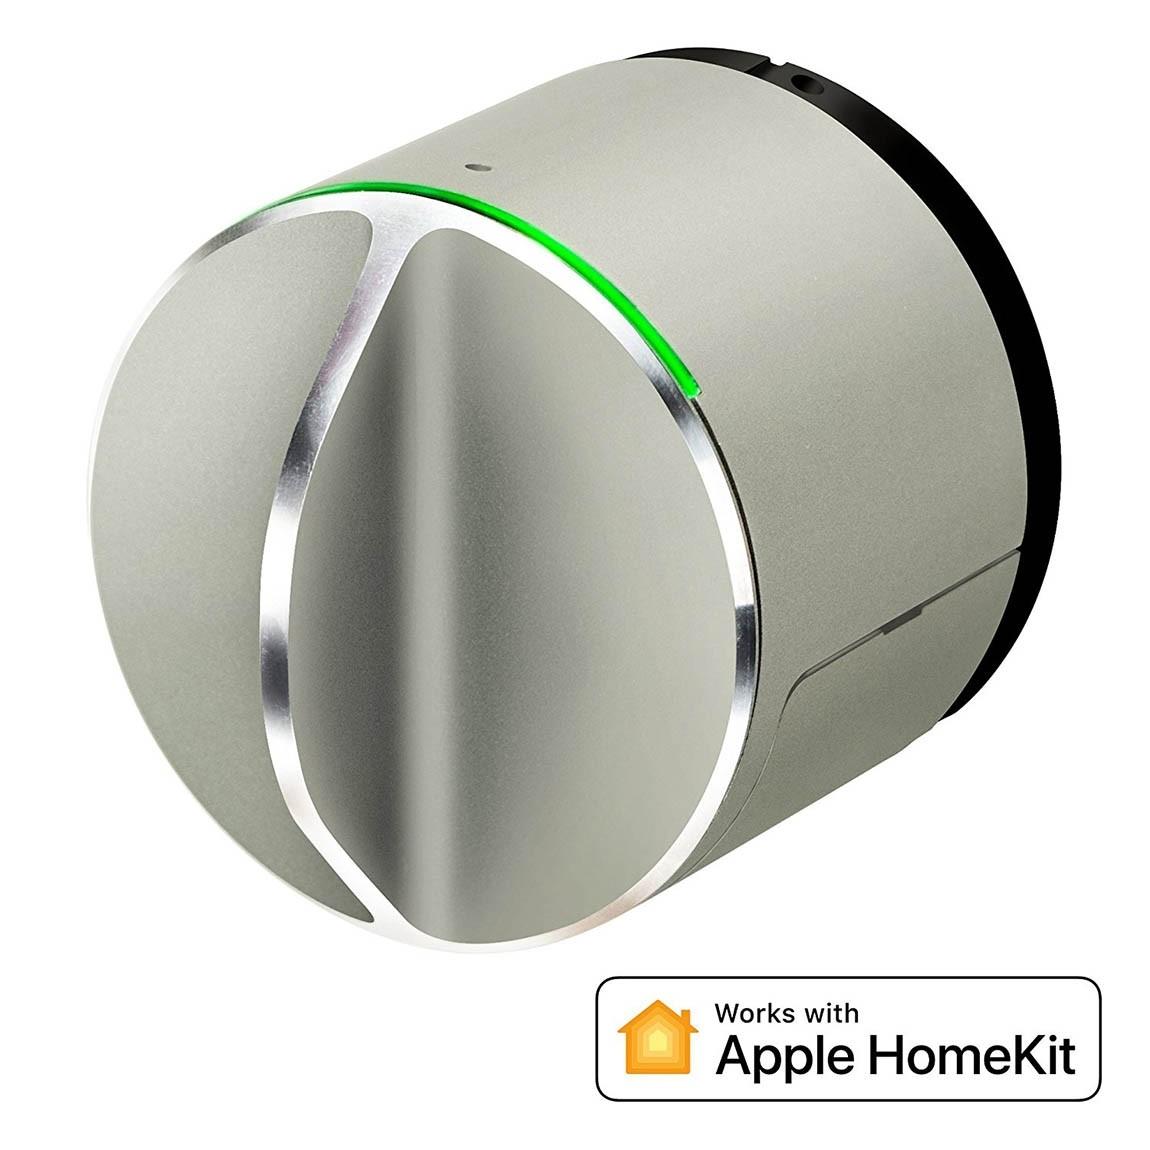 Image of Danalock Motorschloss V3 - HomeKit